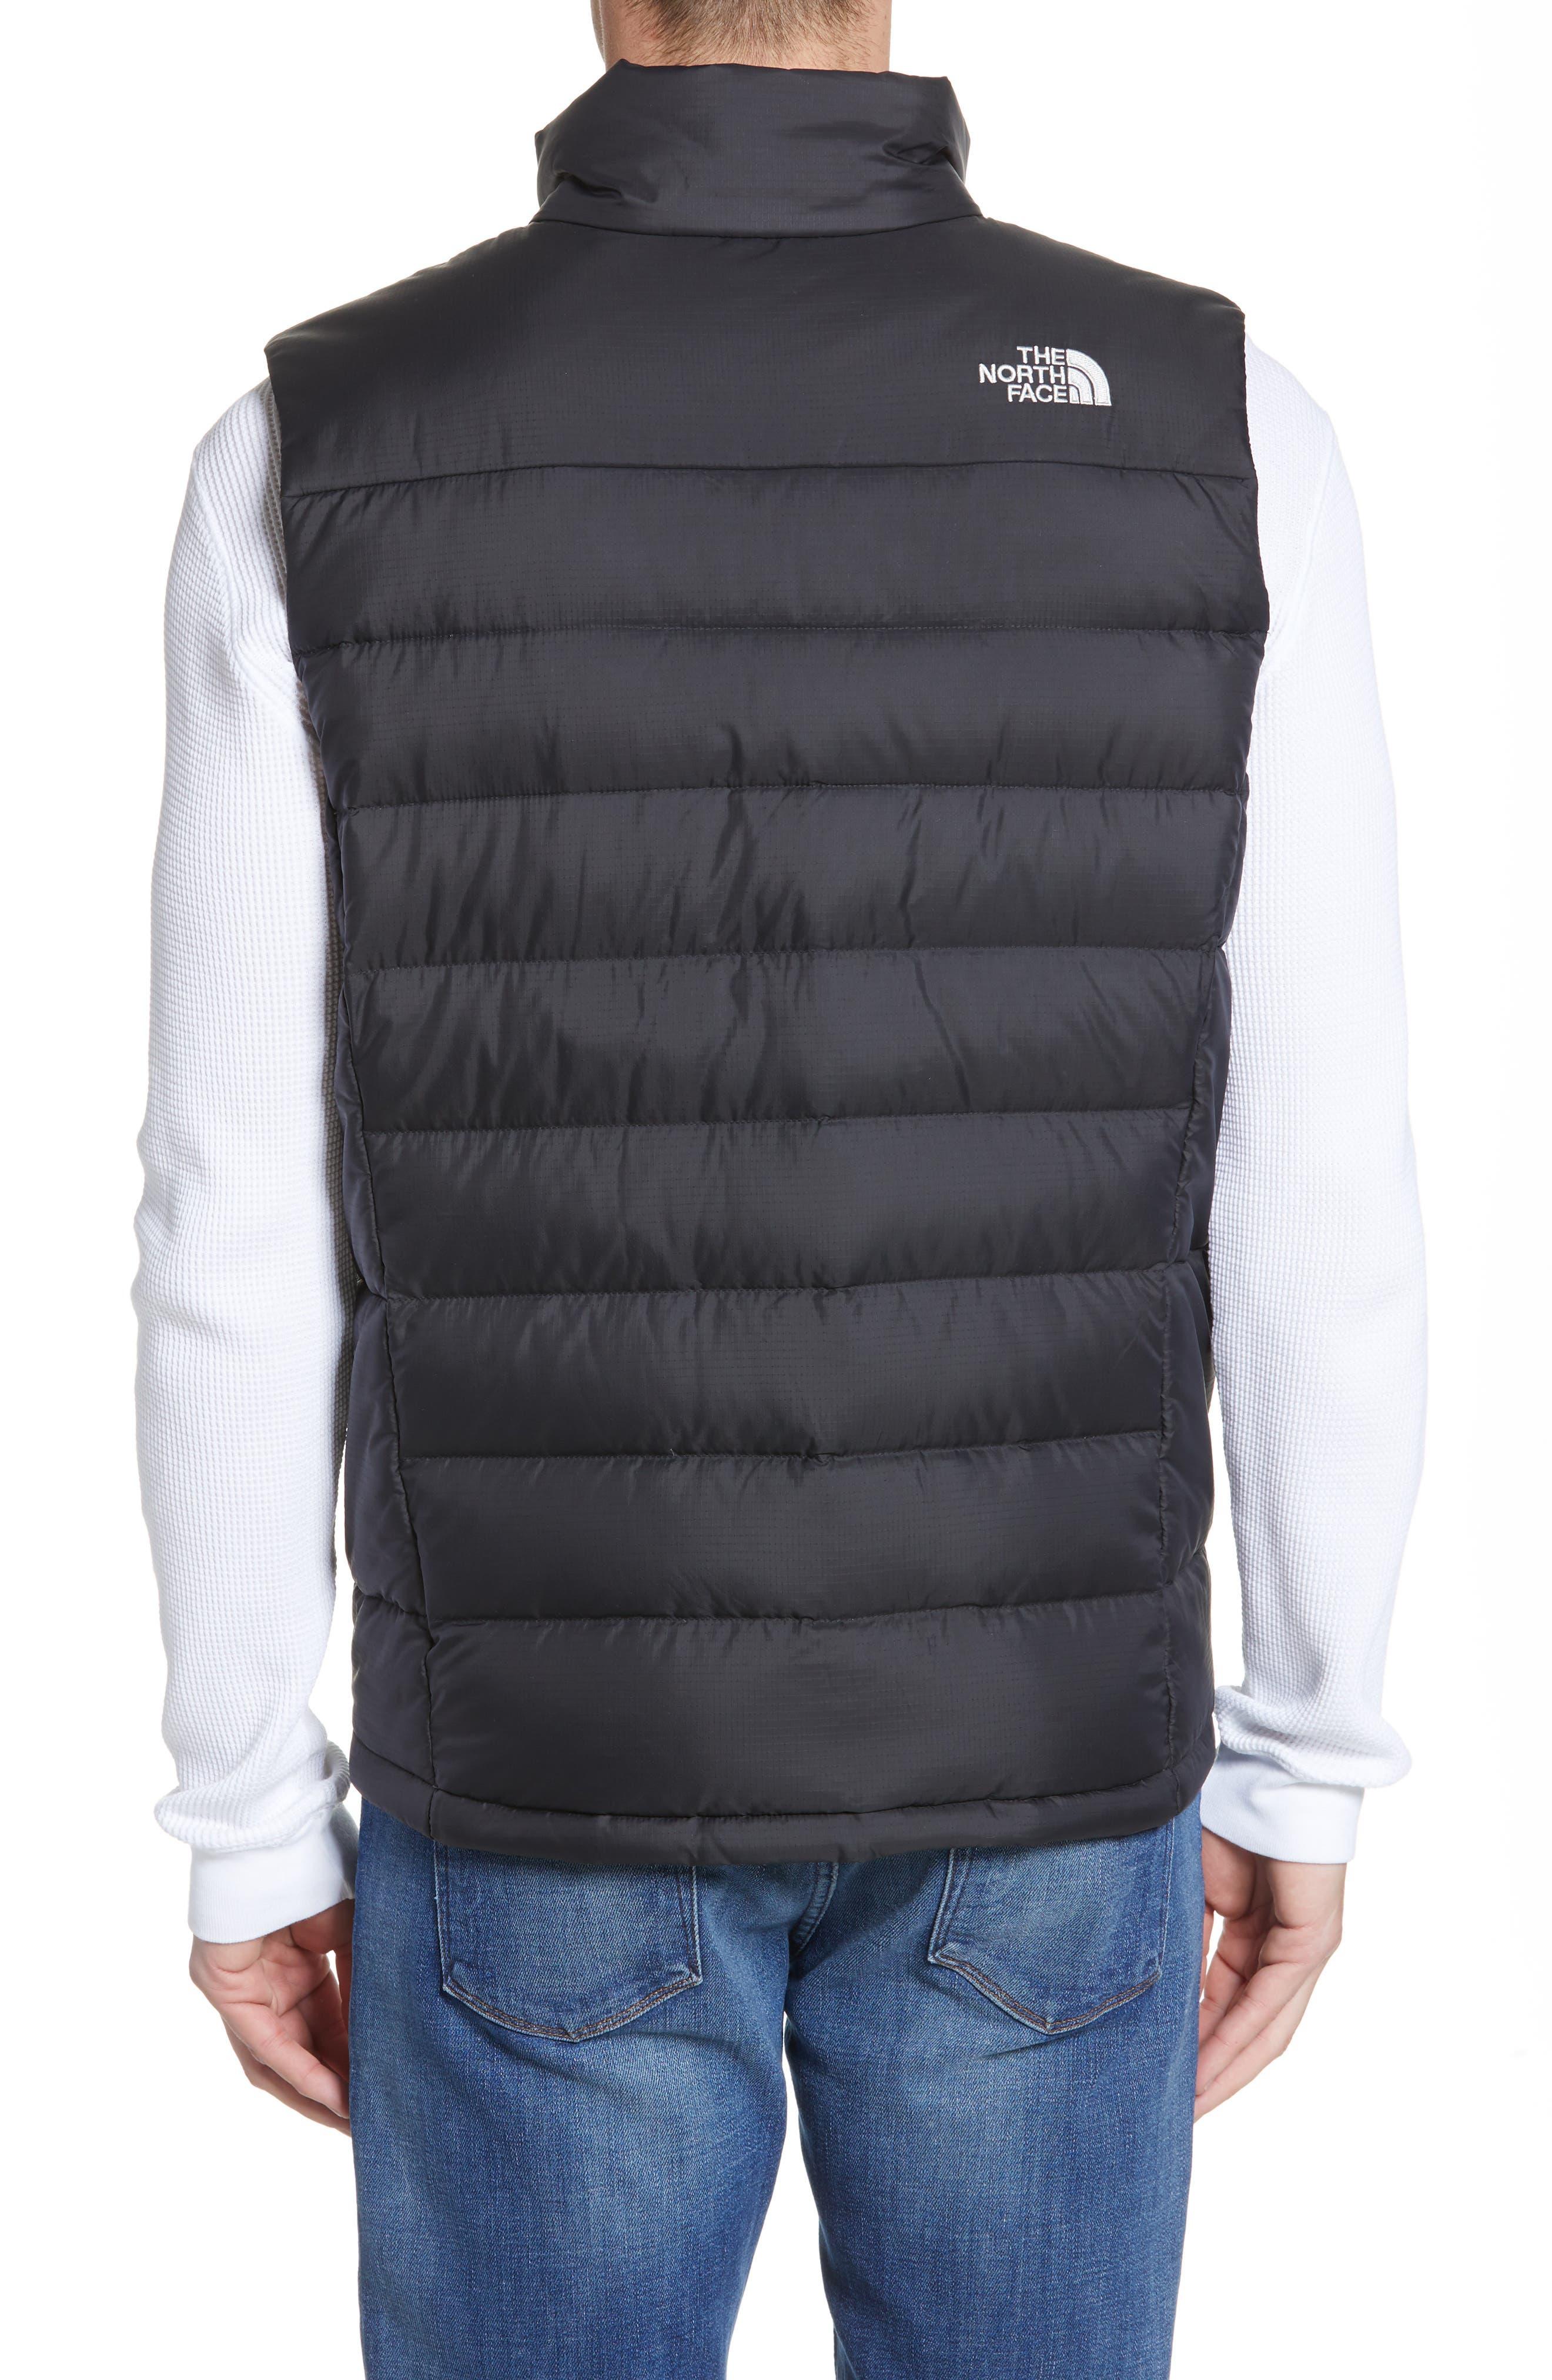 THE NORTH FACE, 'Aconcagua' Goose Down Vest, Alternate thumbnail 4, color, 001